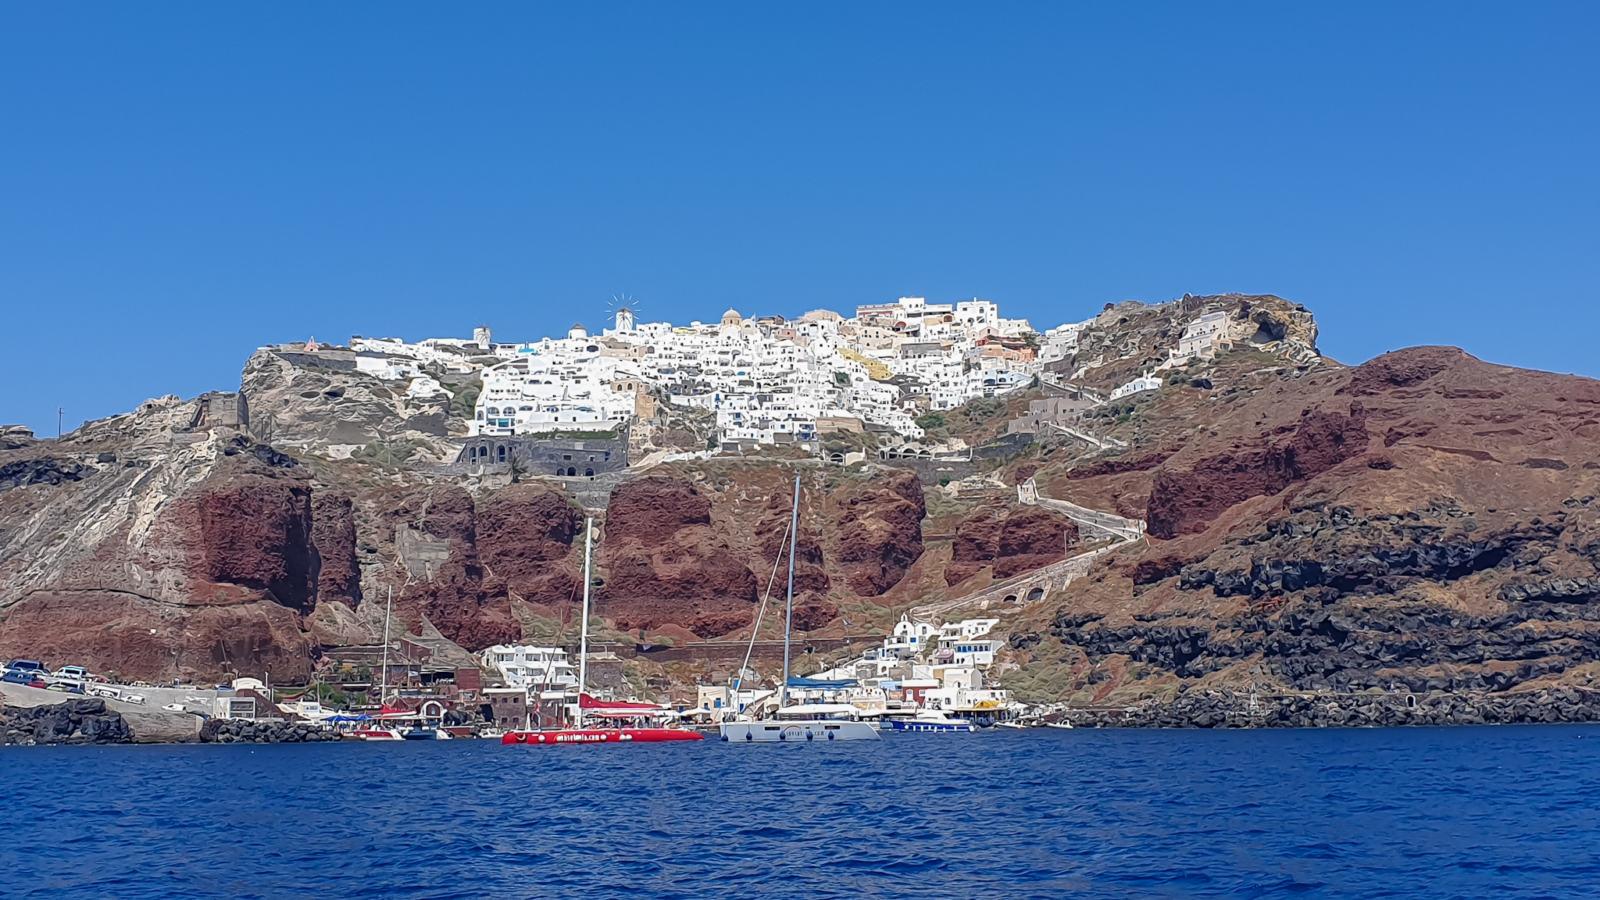 Isola di Santorini - Oìa vista dalla barca a vela